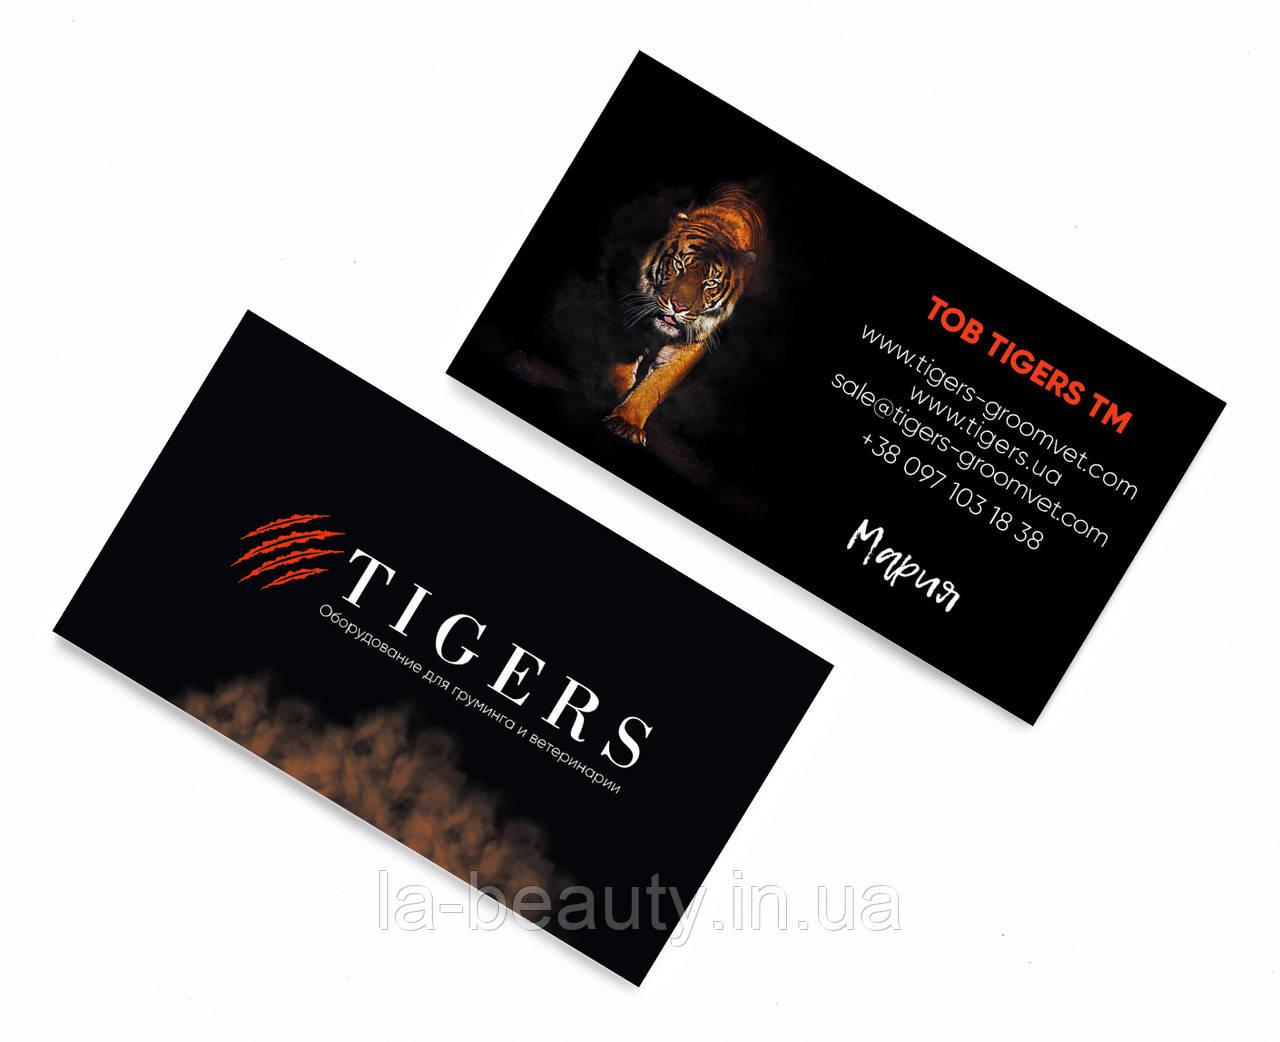 Дизайн визиток ТМ TIGERS с возможностью вписывания имени белым маркером